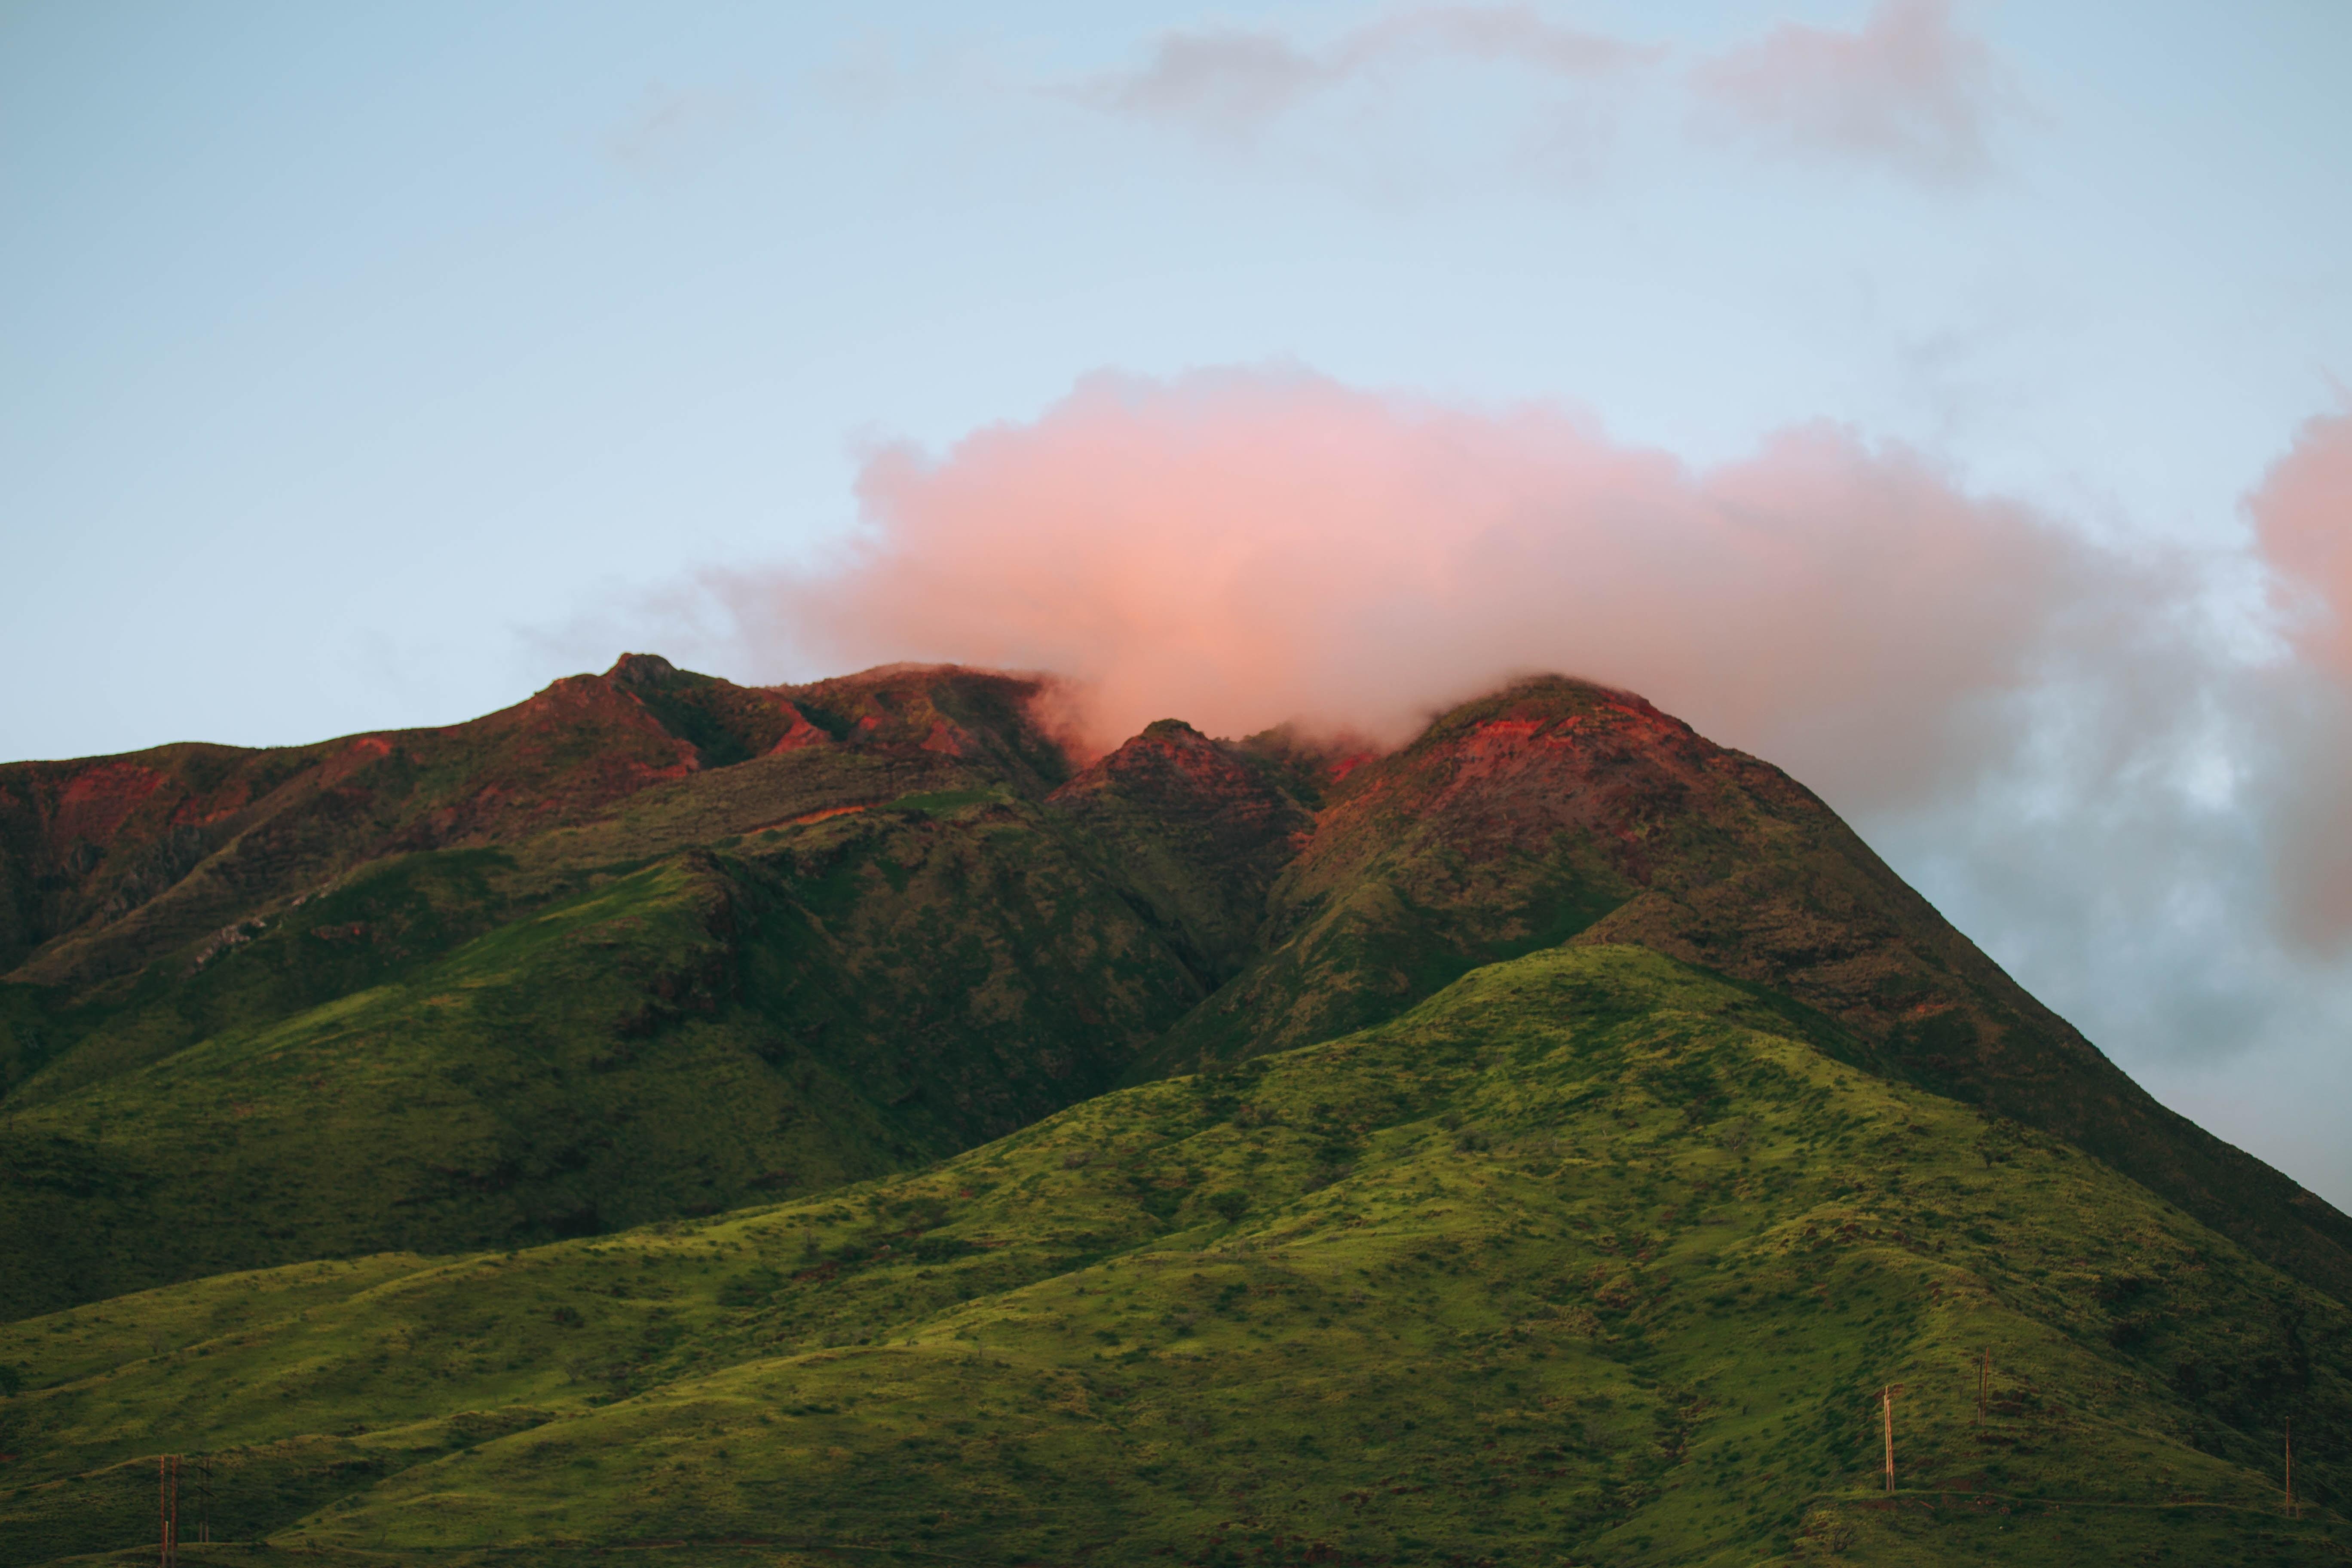 Setting sun shining through clouds on green mountaintops